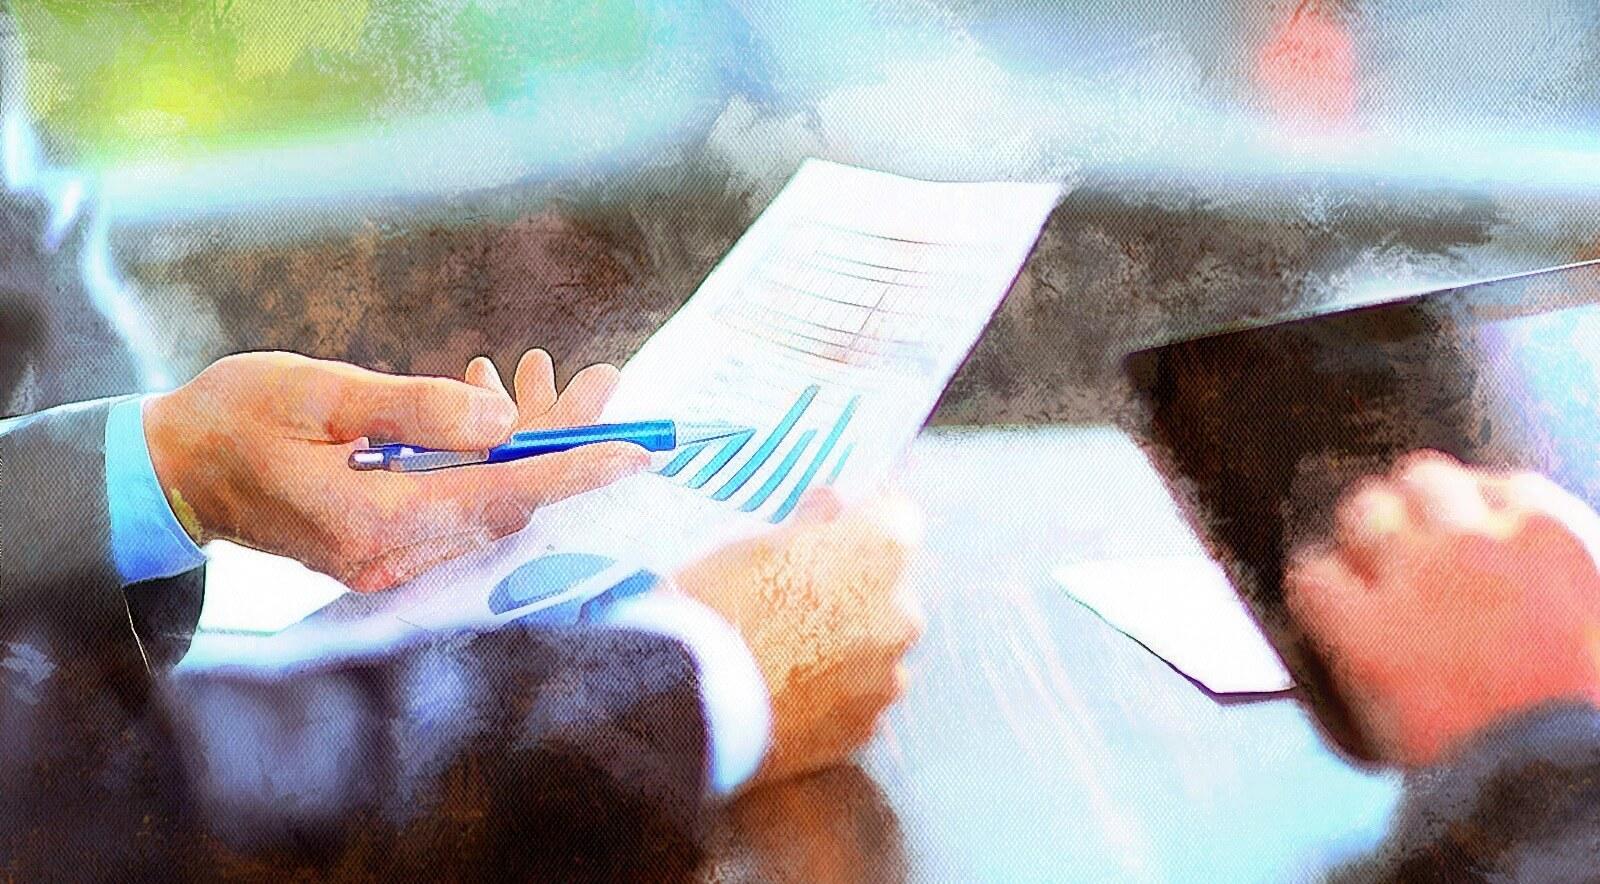 Лучшие предложения 2019 по рефинансированию ипотеки